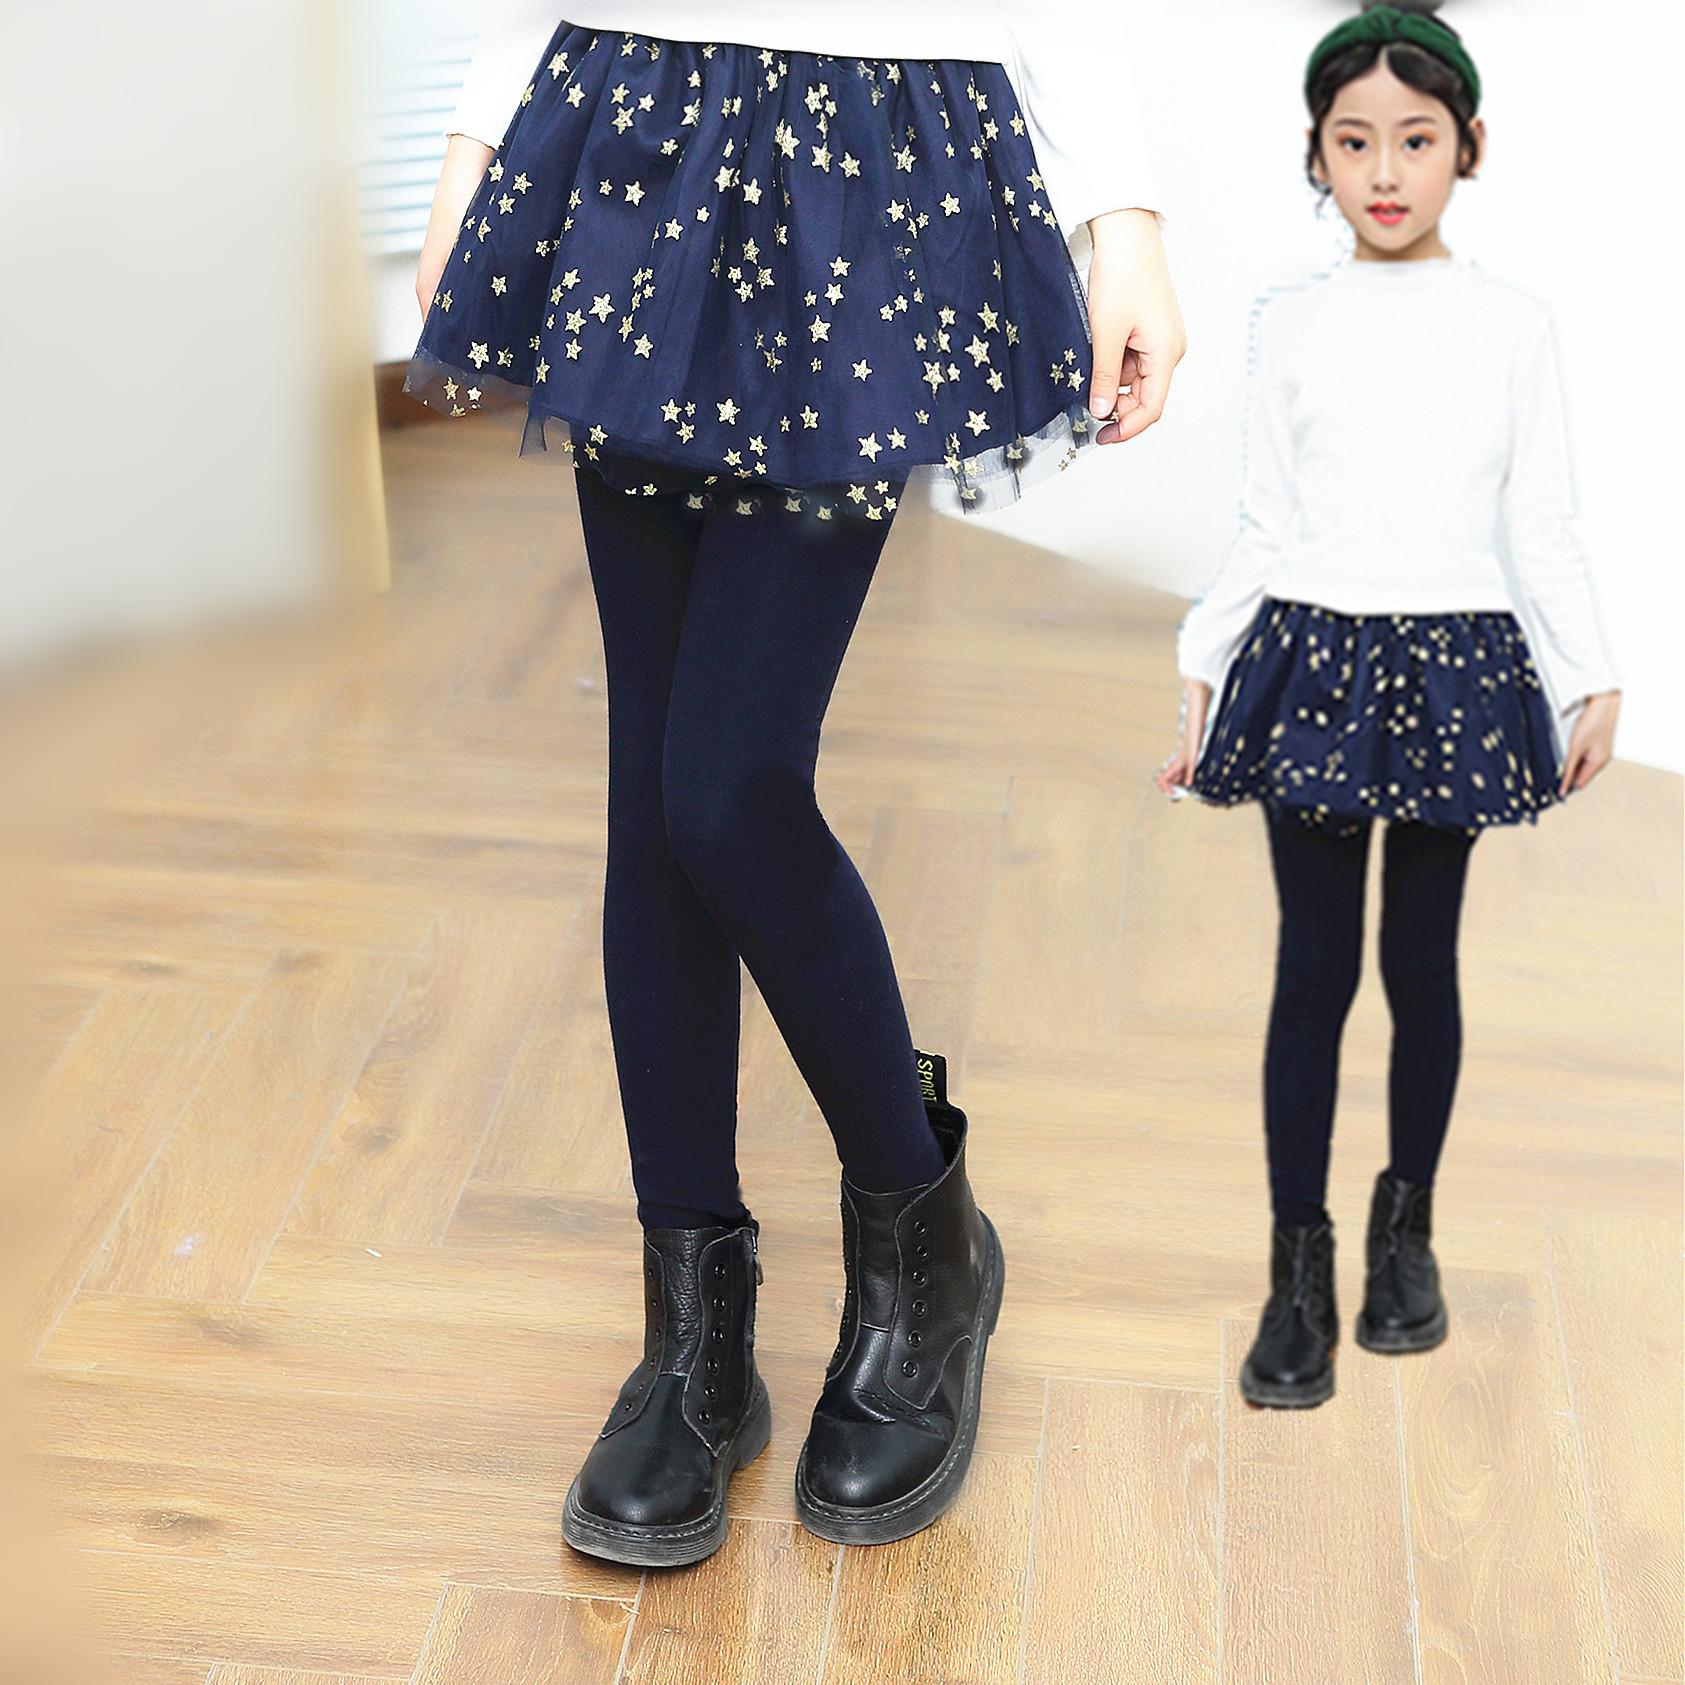 女童裤子2019新款春秋装外穿洋气薄款裙裤儿童假两件裤裙打底裤